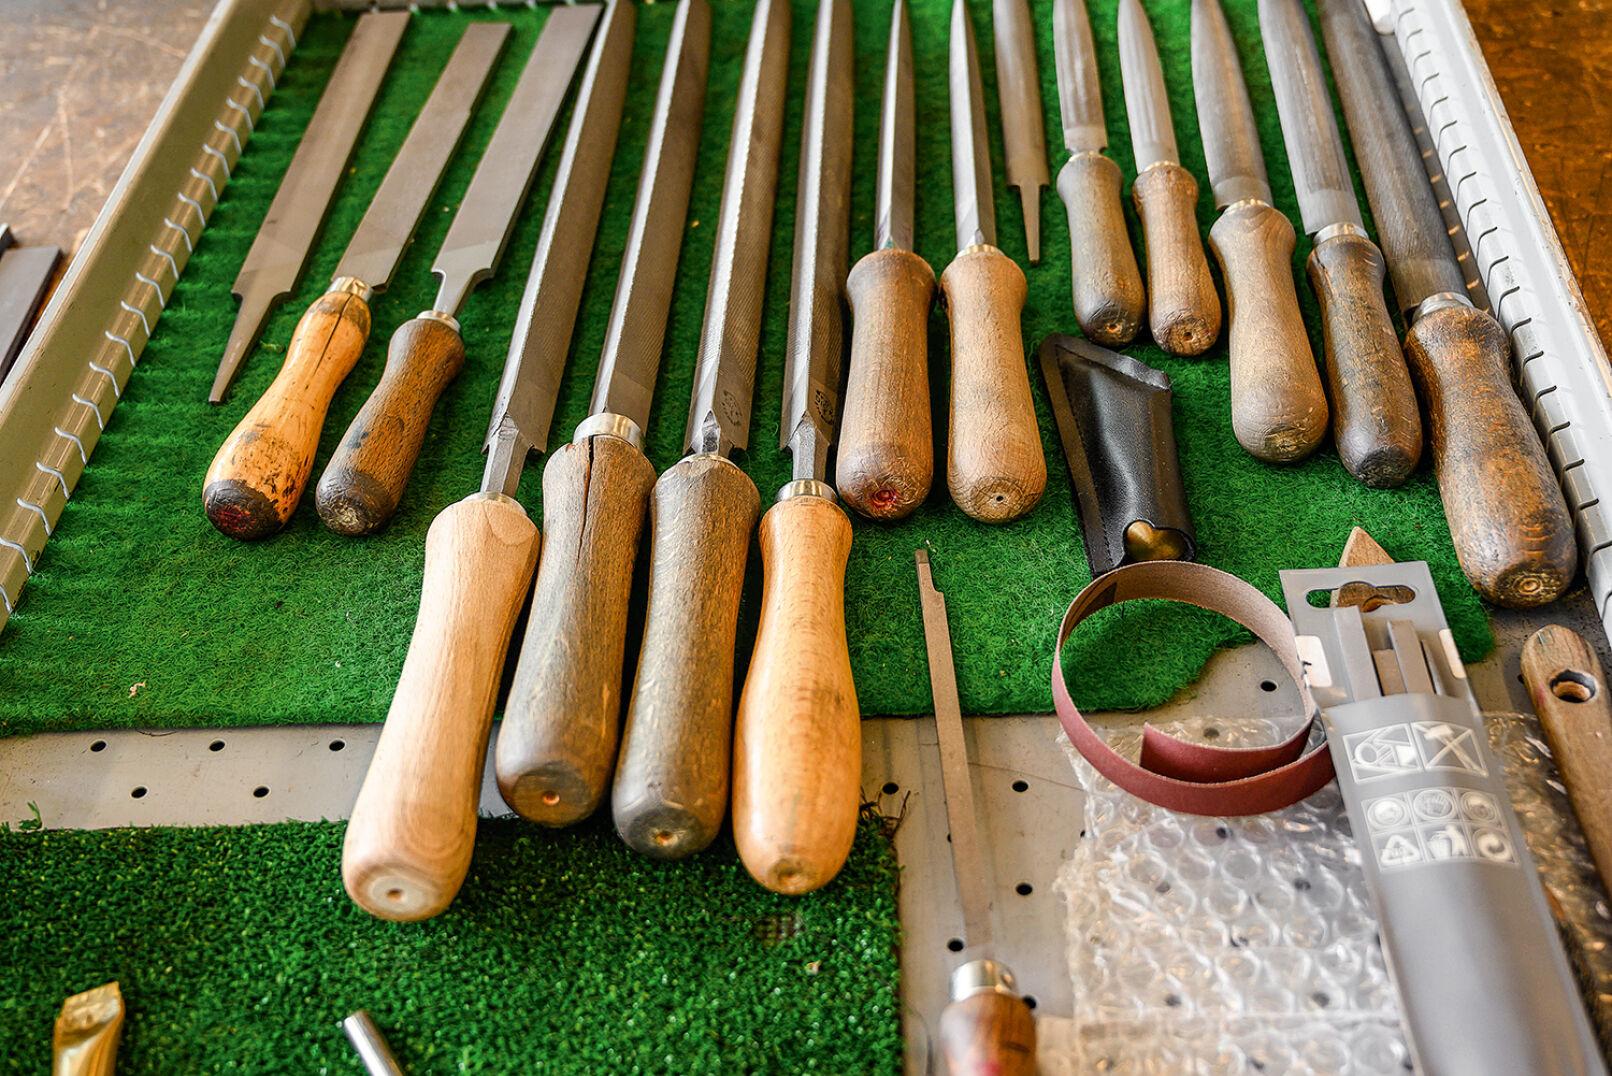 Werkzeug in Reih' und Glied. - © Barbara Marko